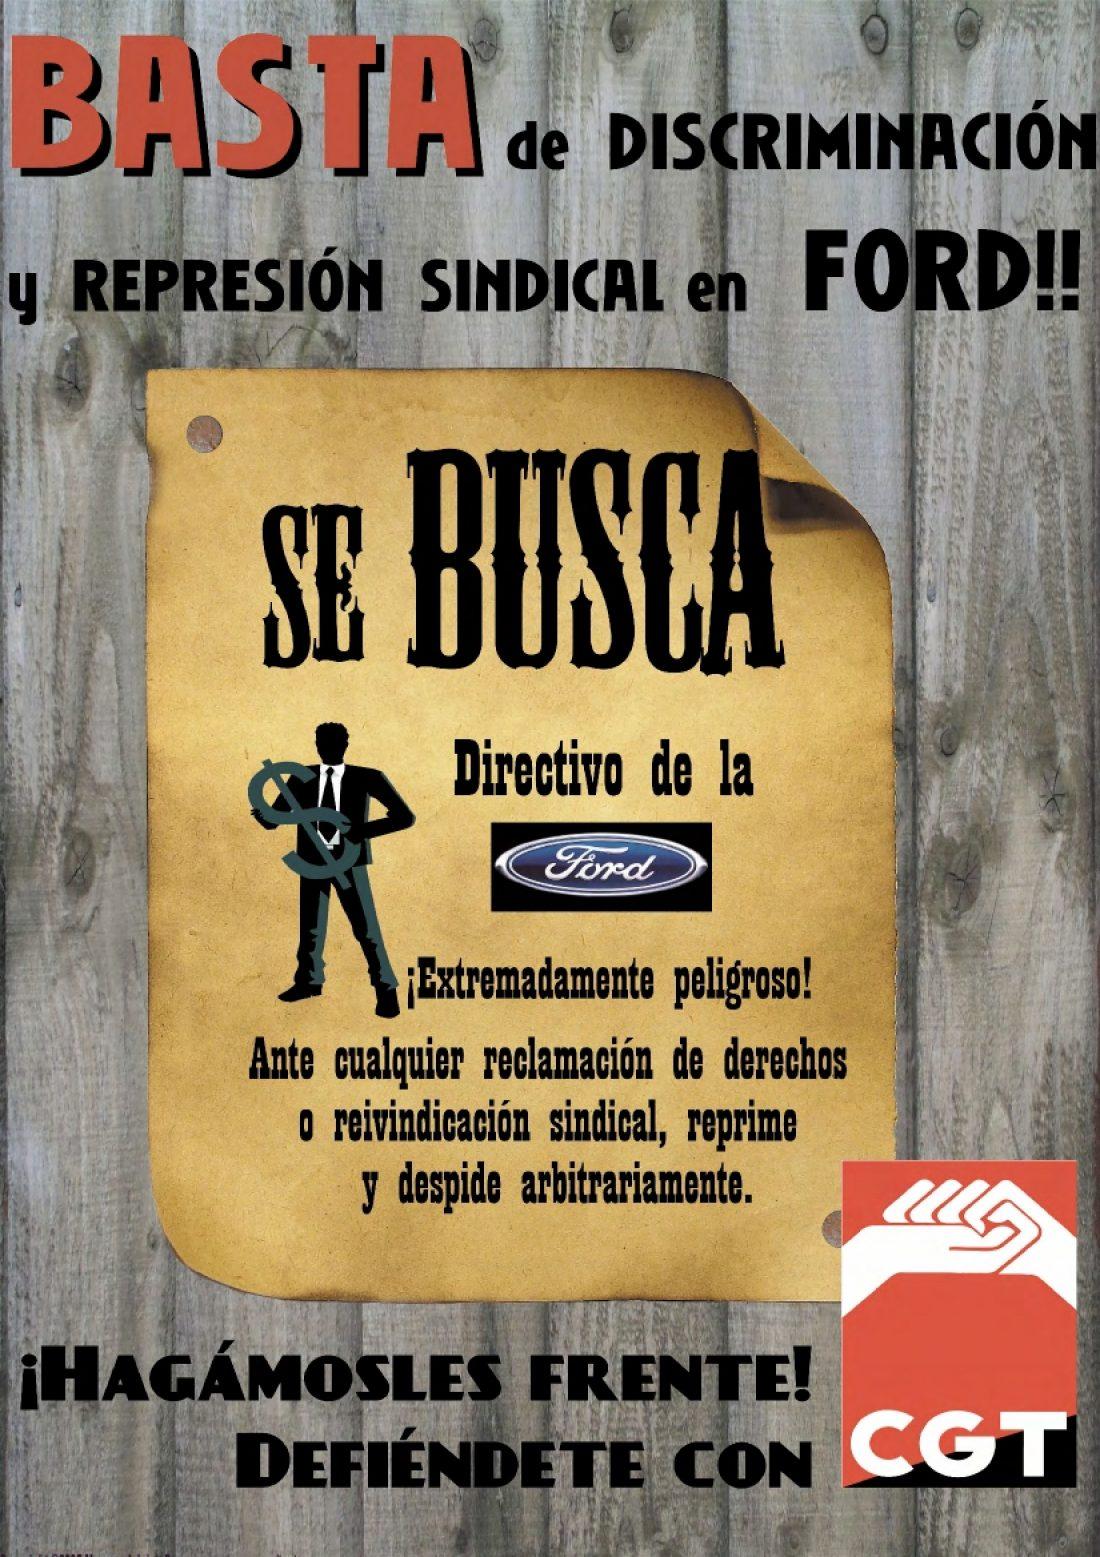 Campaña de CGT contra la represión y el despido de sindicalistas en Ford